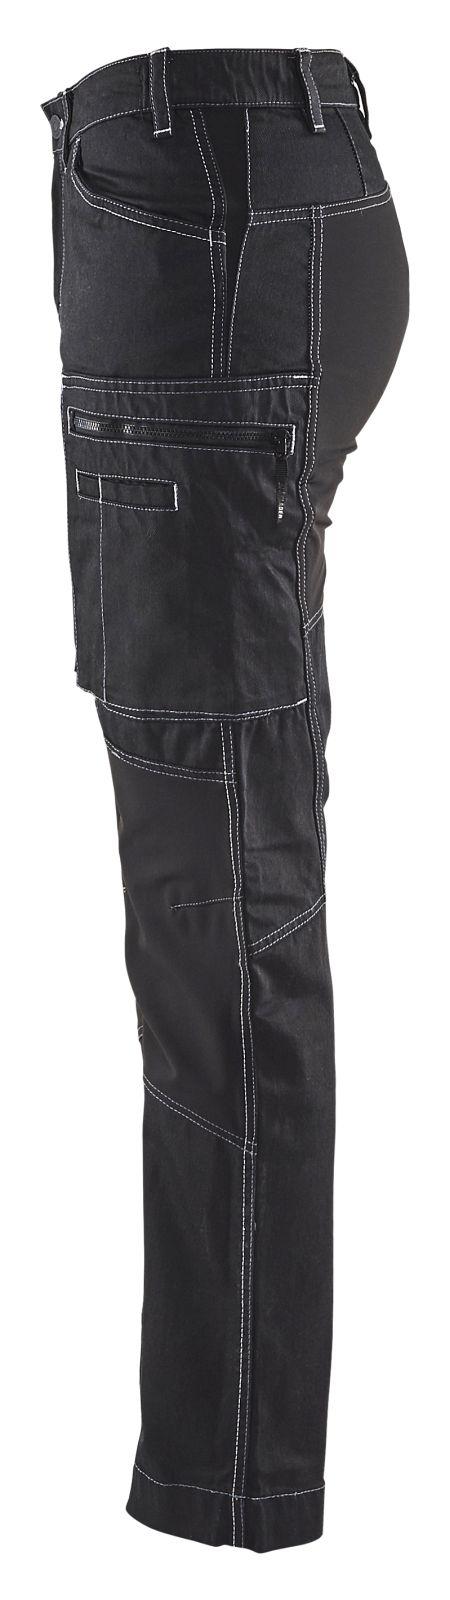 Blaklader Dames werkbroeken 71591142 Stretch zwart(9900)